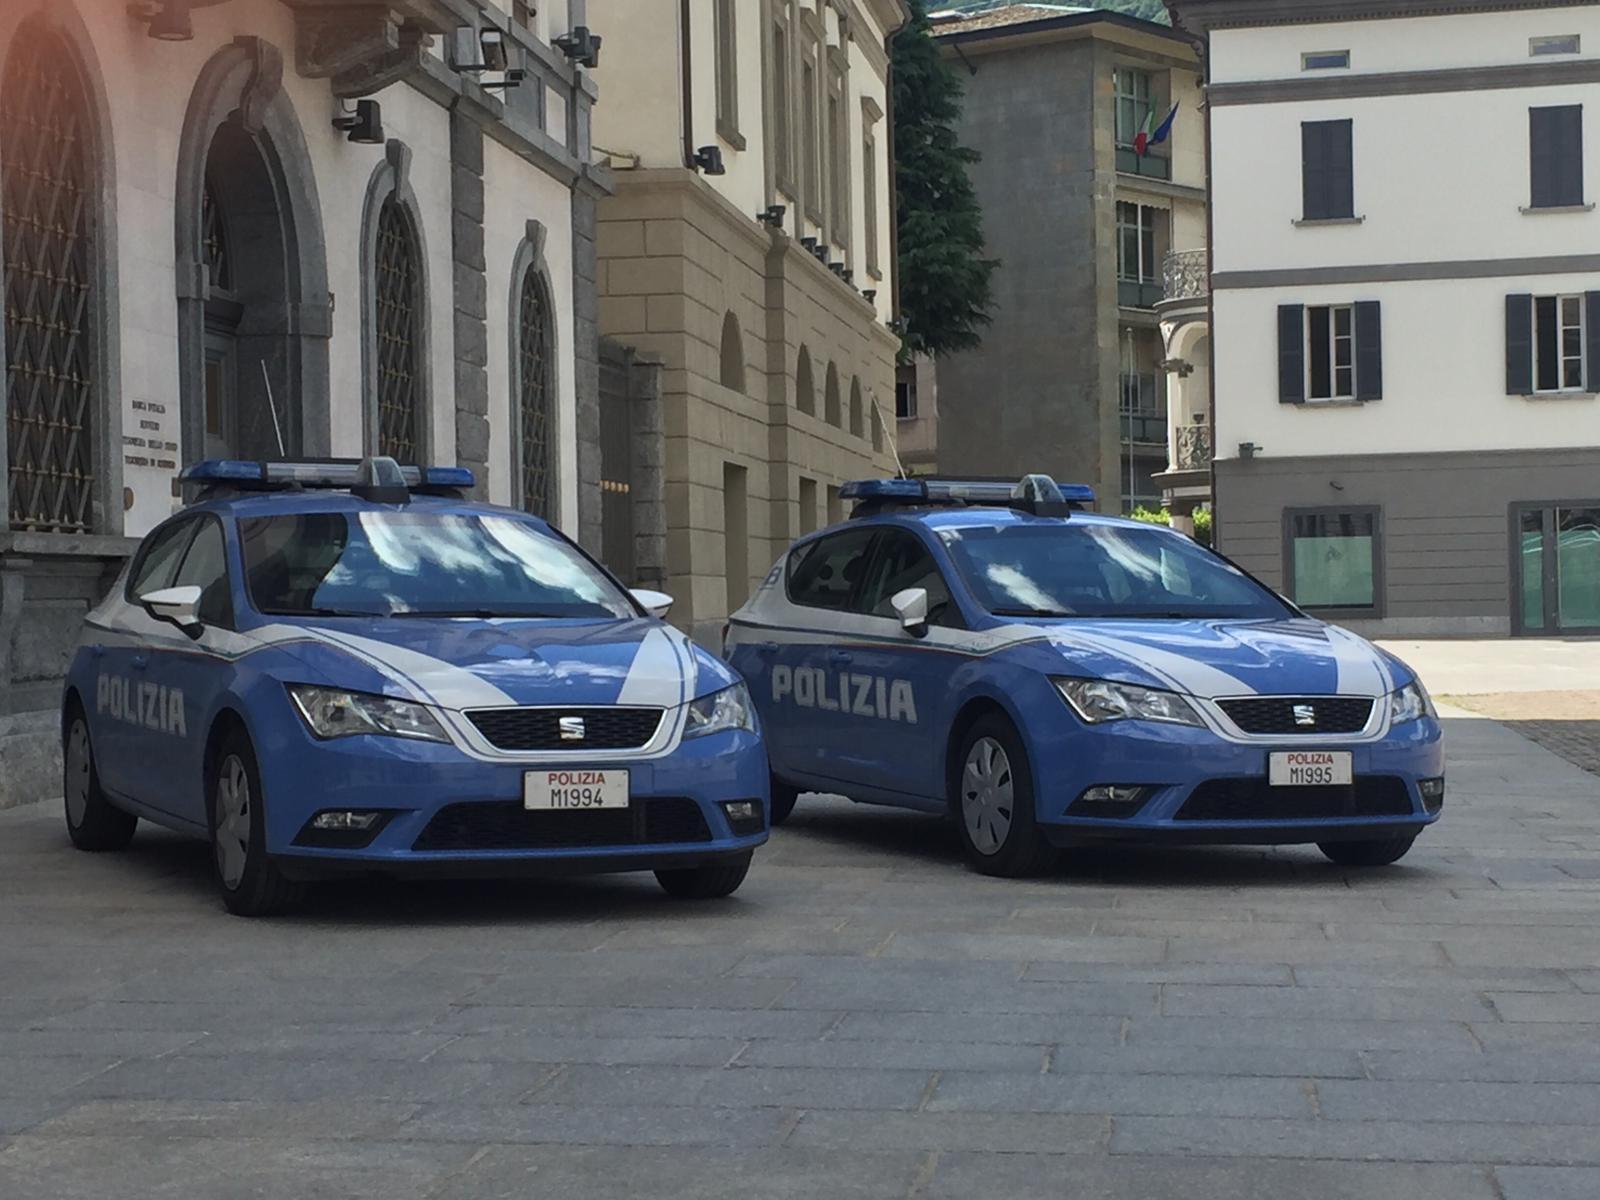 Antonio Sepe sostituisce Vincenzo Gallozzi. Stamane, ha assunto la direzione del commissariato di Aversa